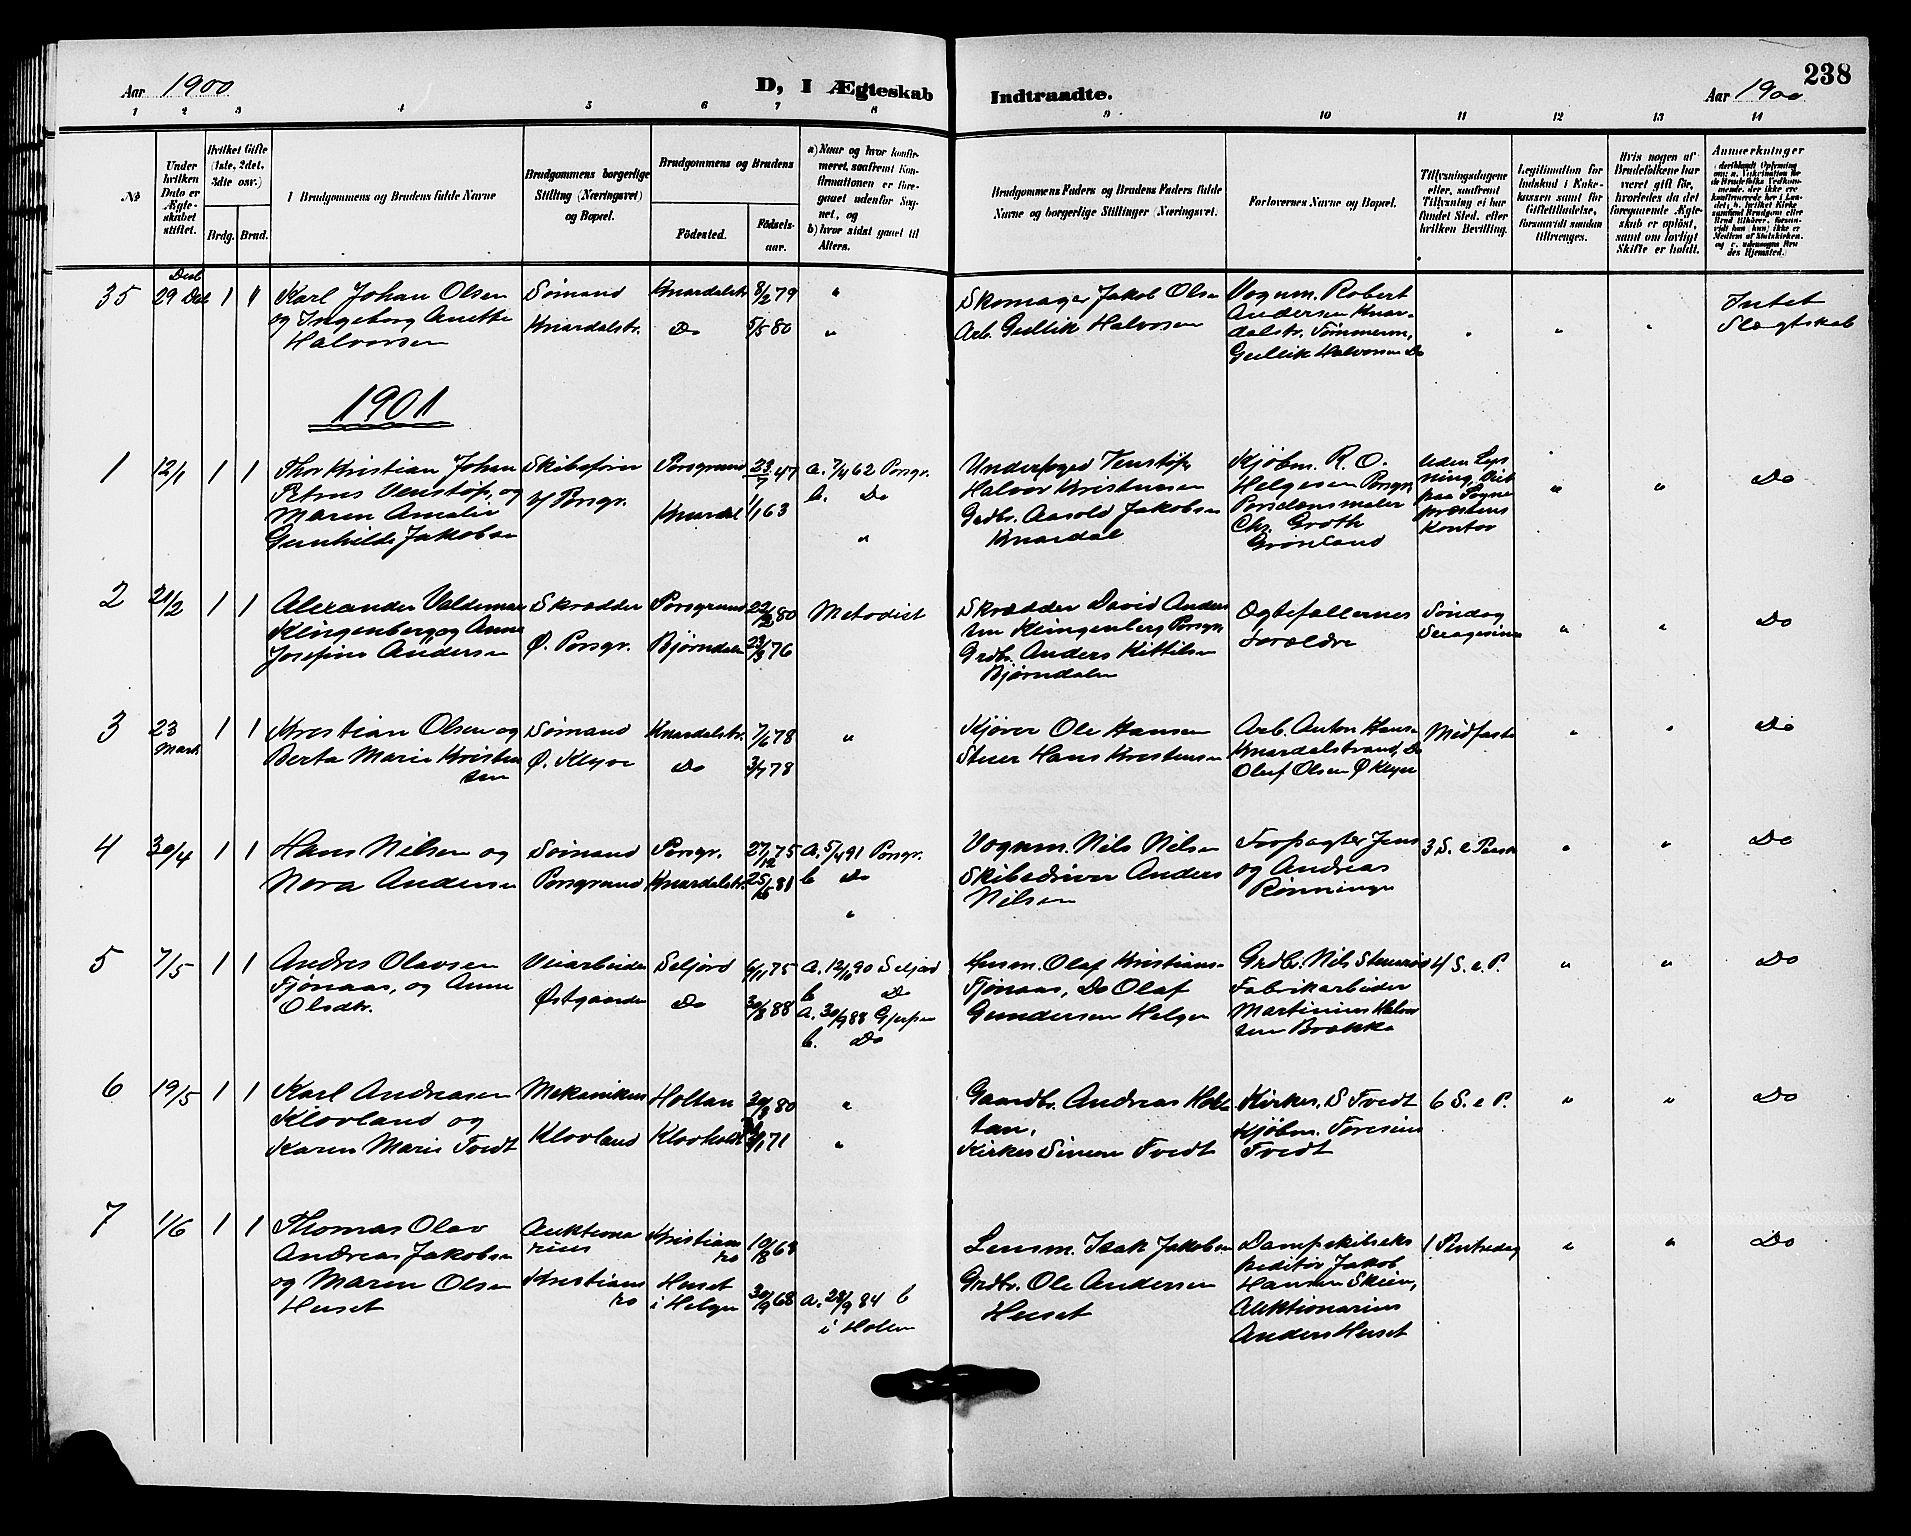 SAKO, Solum kirkebøker, G/Ga/L0008: Klokkerbok nr. I 8, 1898-1909, s. 238